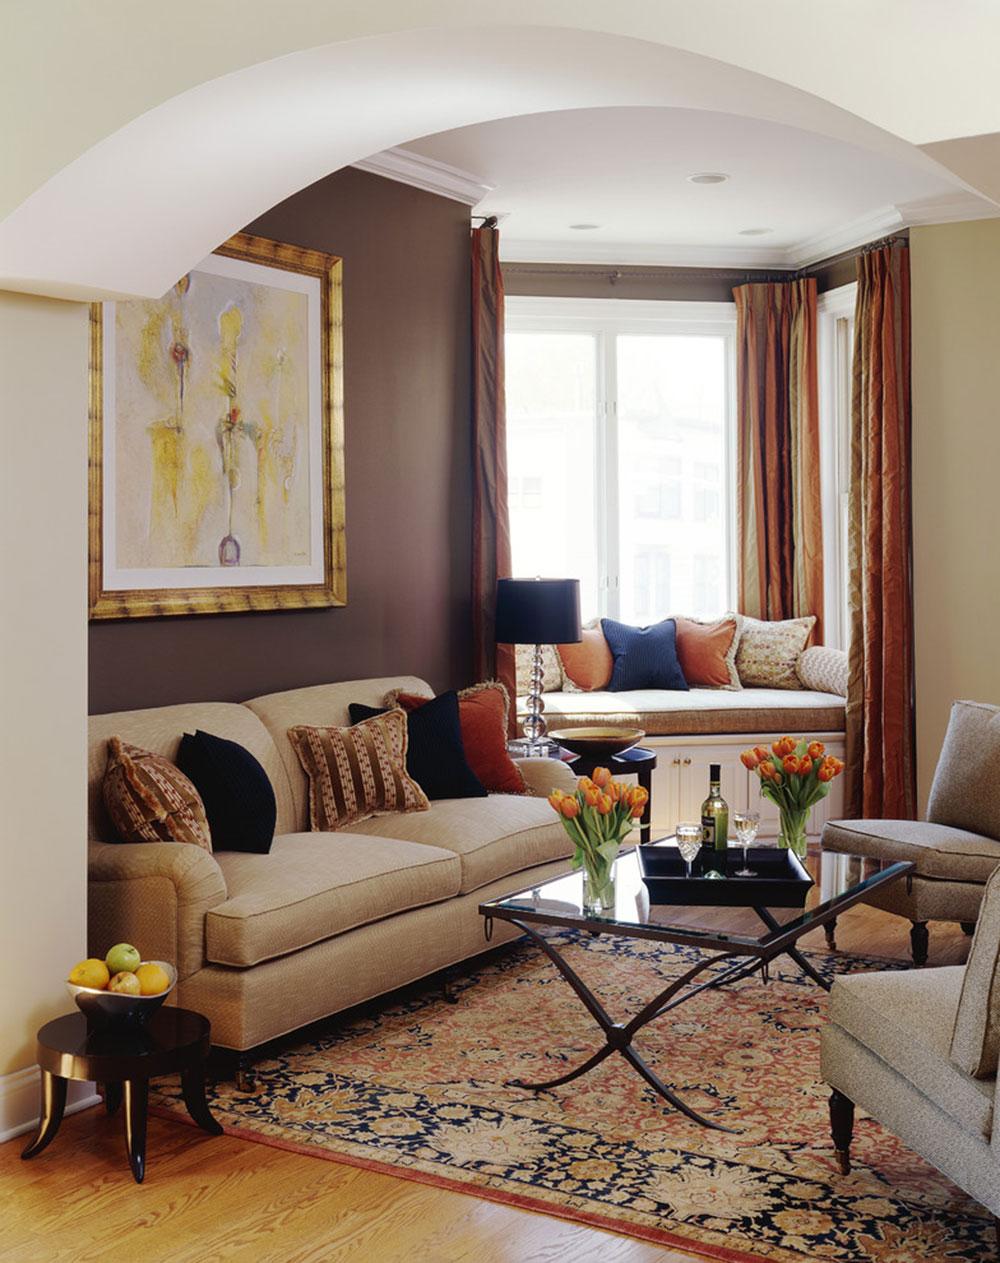 Blanda möbelstilar för ett unikt utseende 13 Blanda möbelstilar för ett unikt utseende